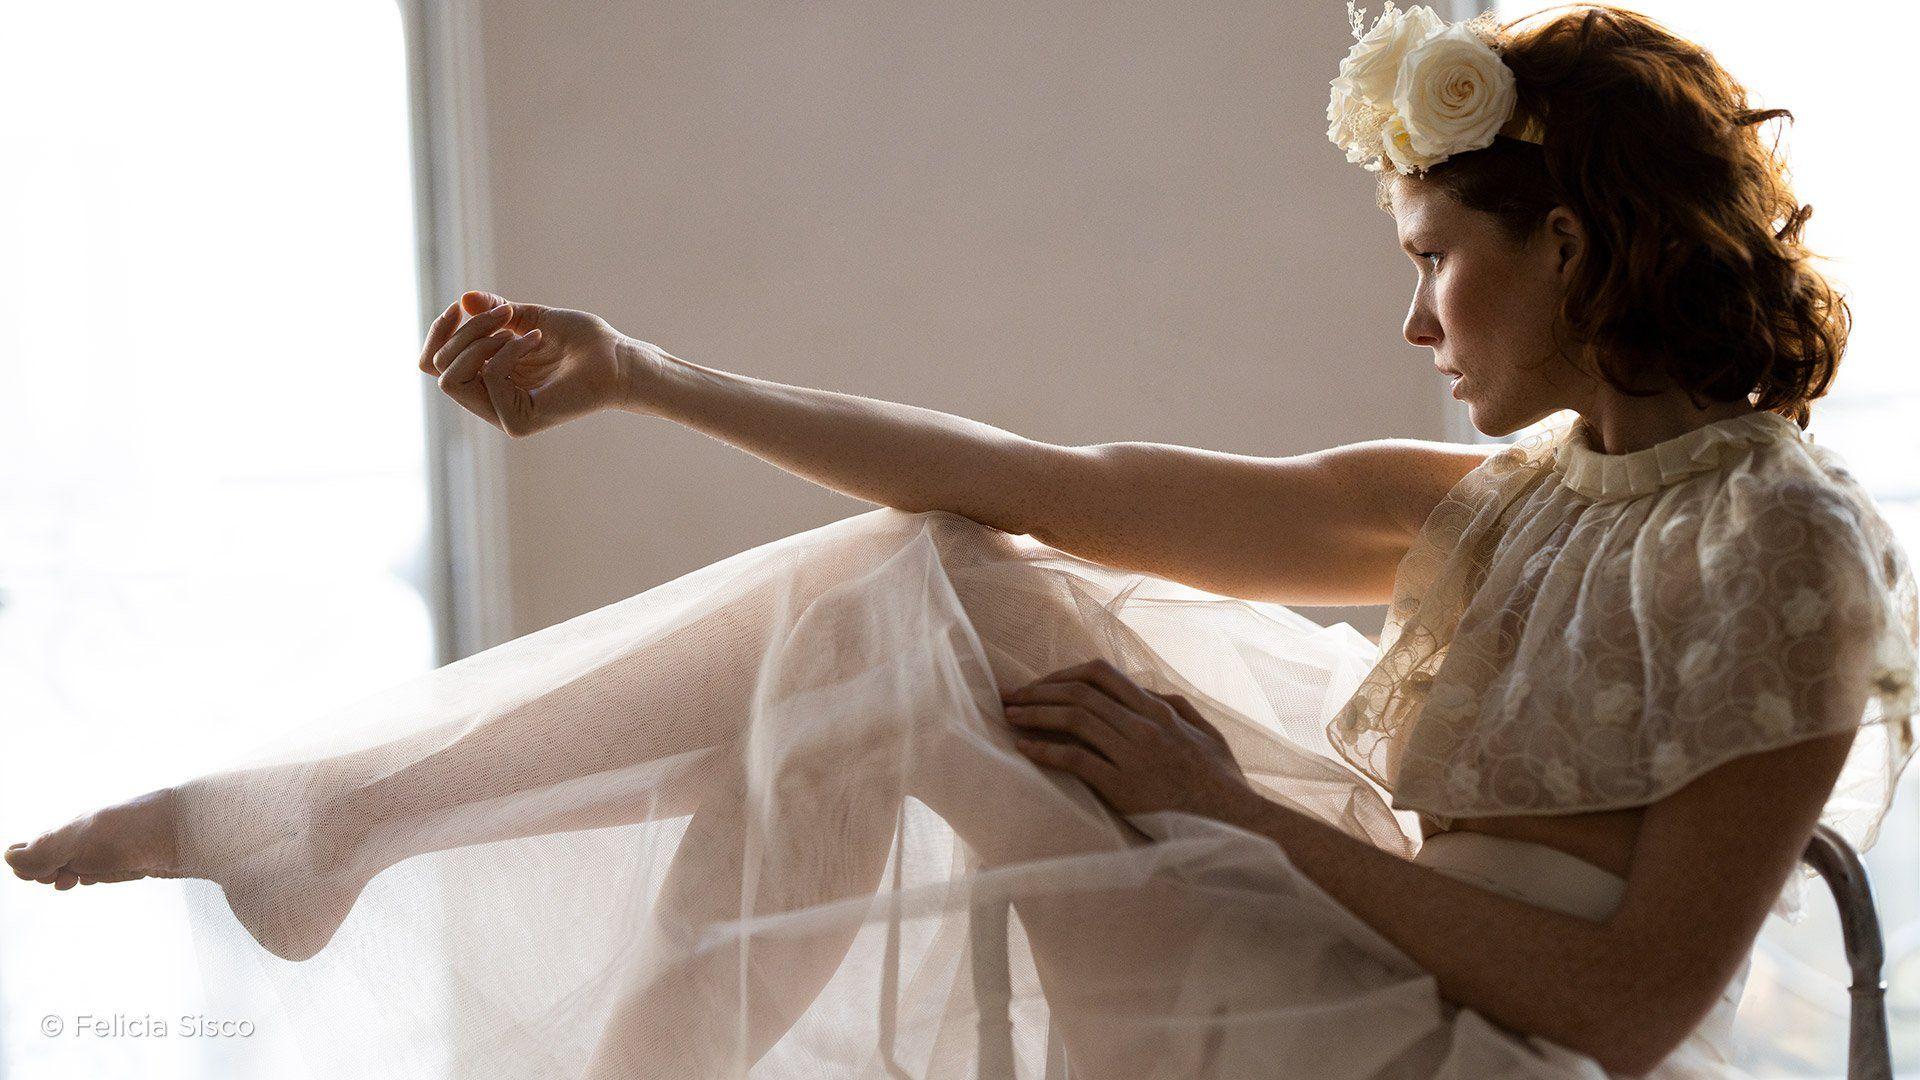 female_model_flowers_white_dress_rf-85mm-f1-2l-usm_felicia_sisco_188402083233707.jpg